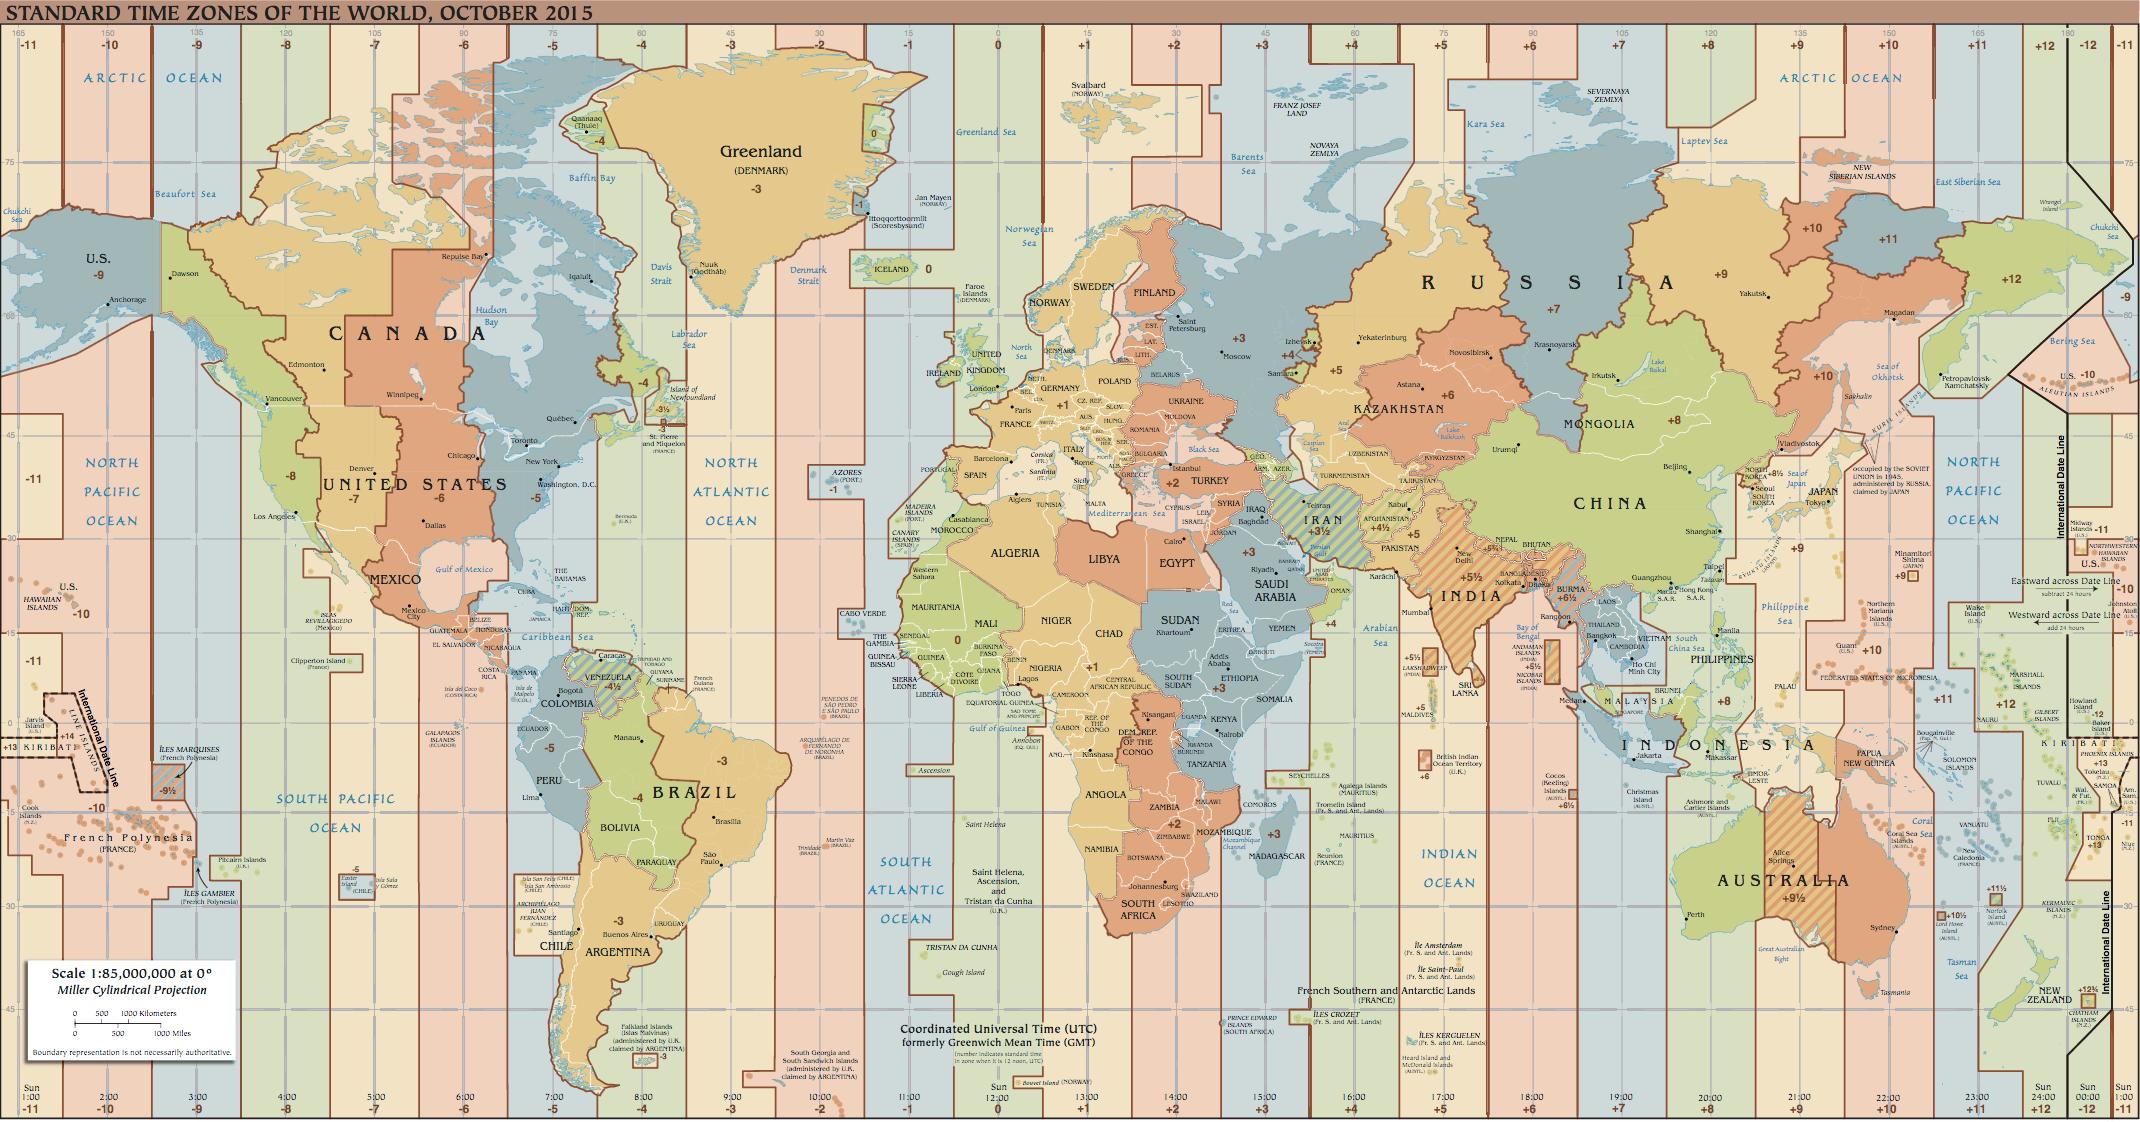 L'heure dans le monde par rapport au «temps universel coordonné» (ou UTC) L'heure dans le monde par rapport au «temps universel coordonné» (ou UTC) (Source: CIA World Factbook)